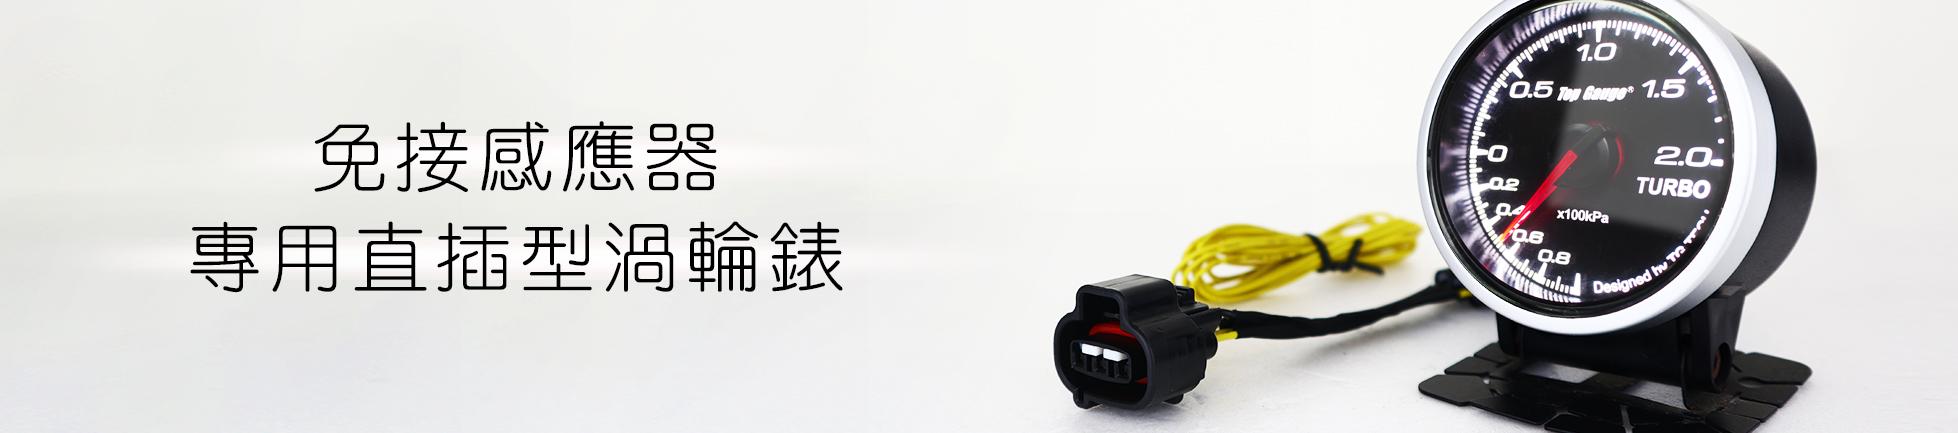 Top Gauge 精宇科技